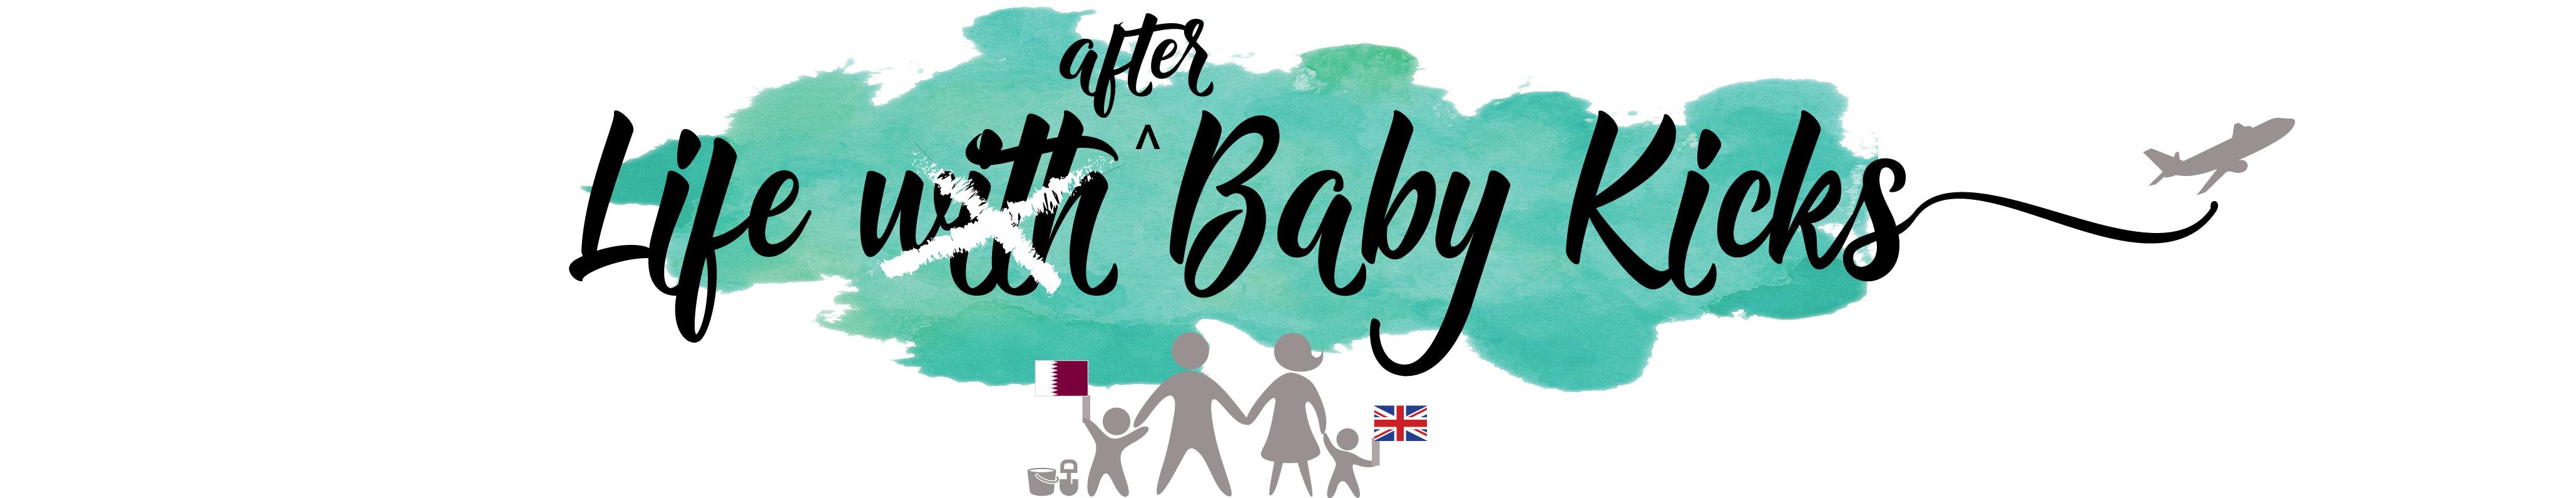 Life with Baby Kicks